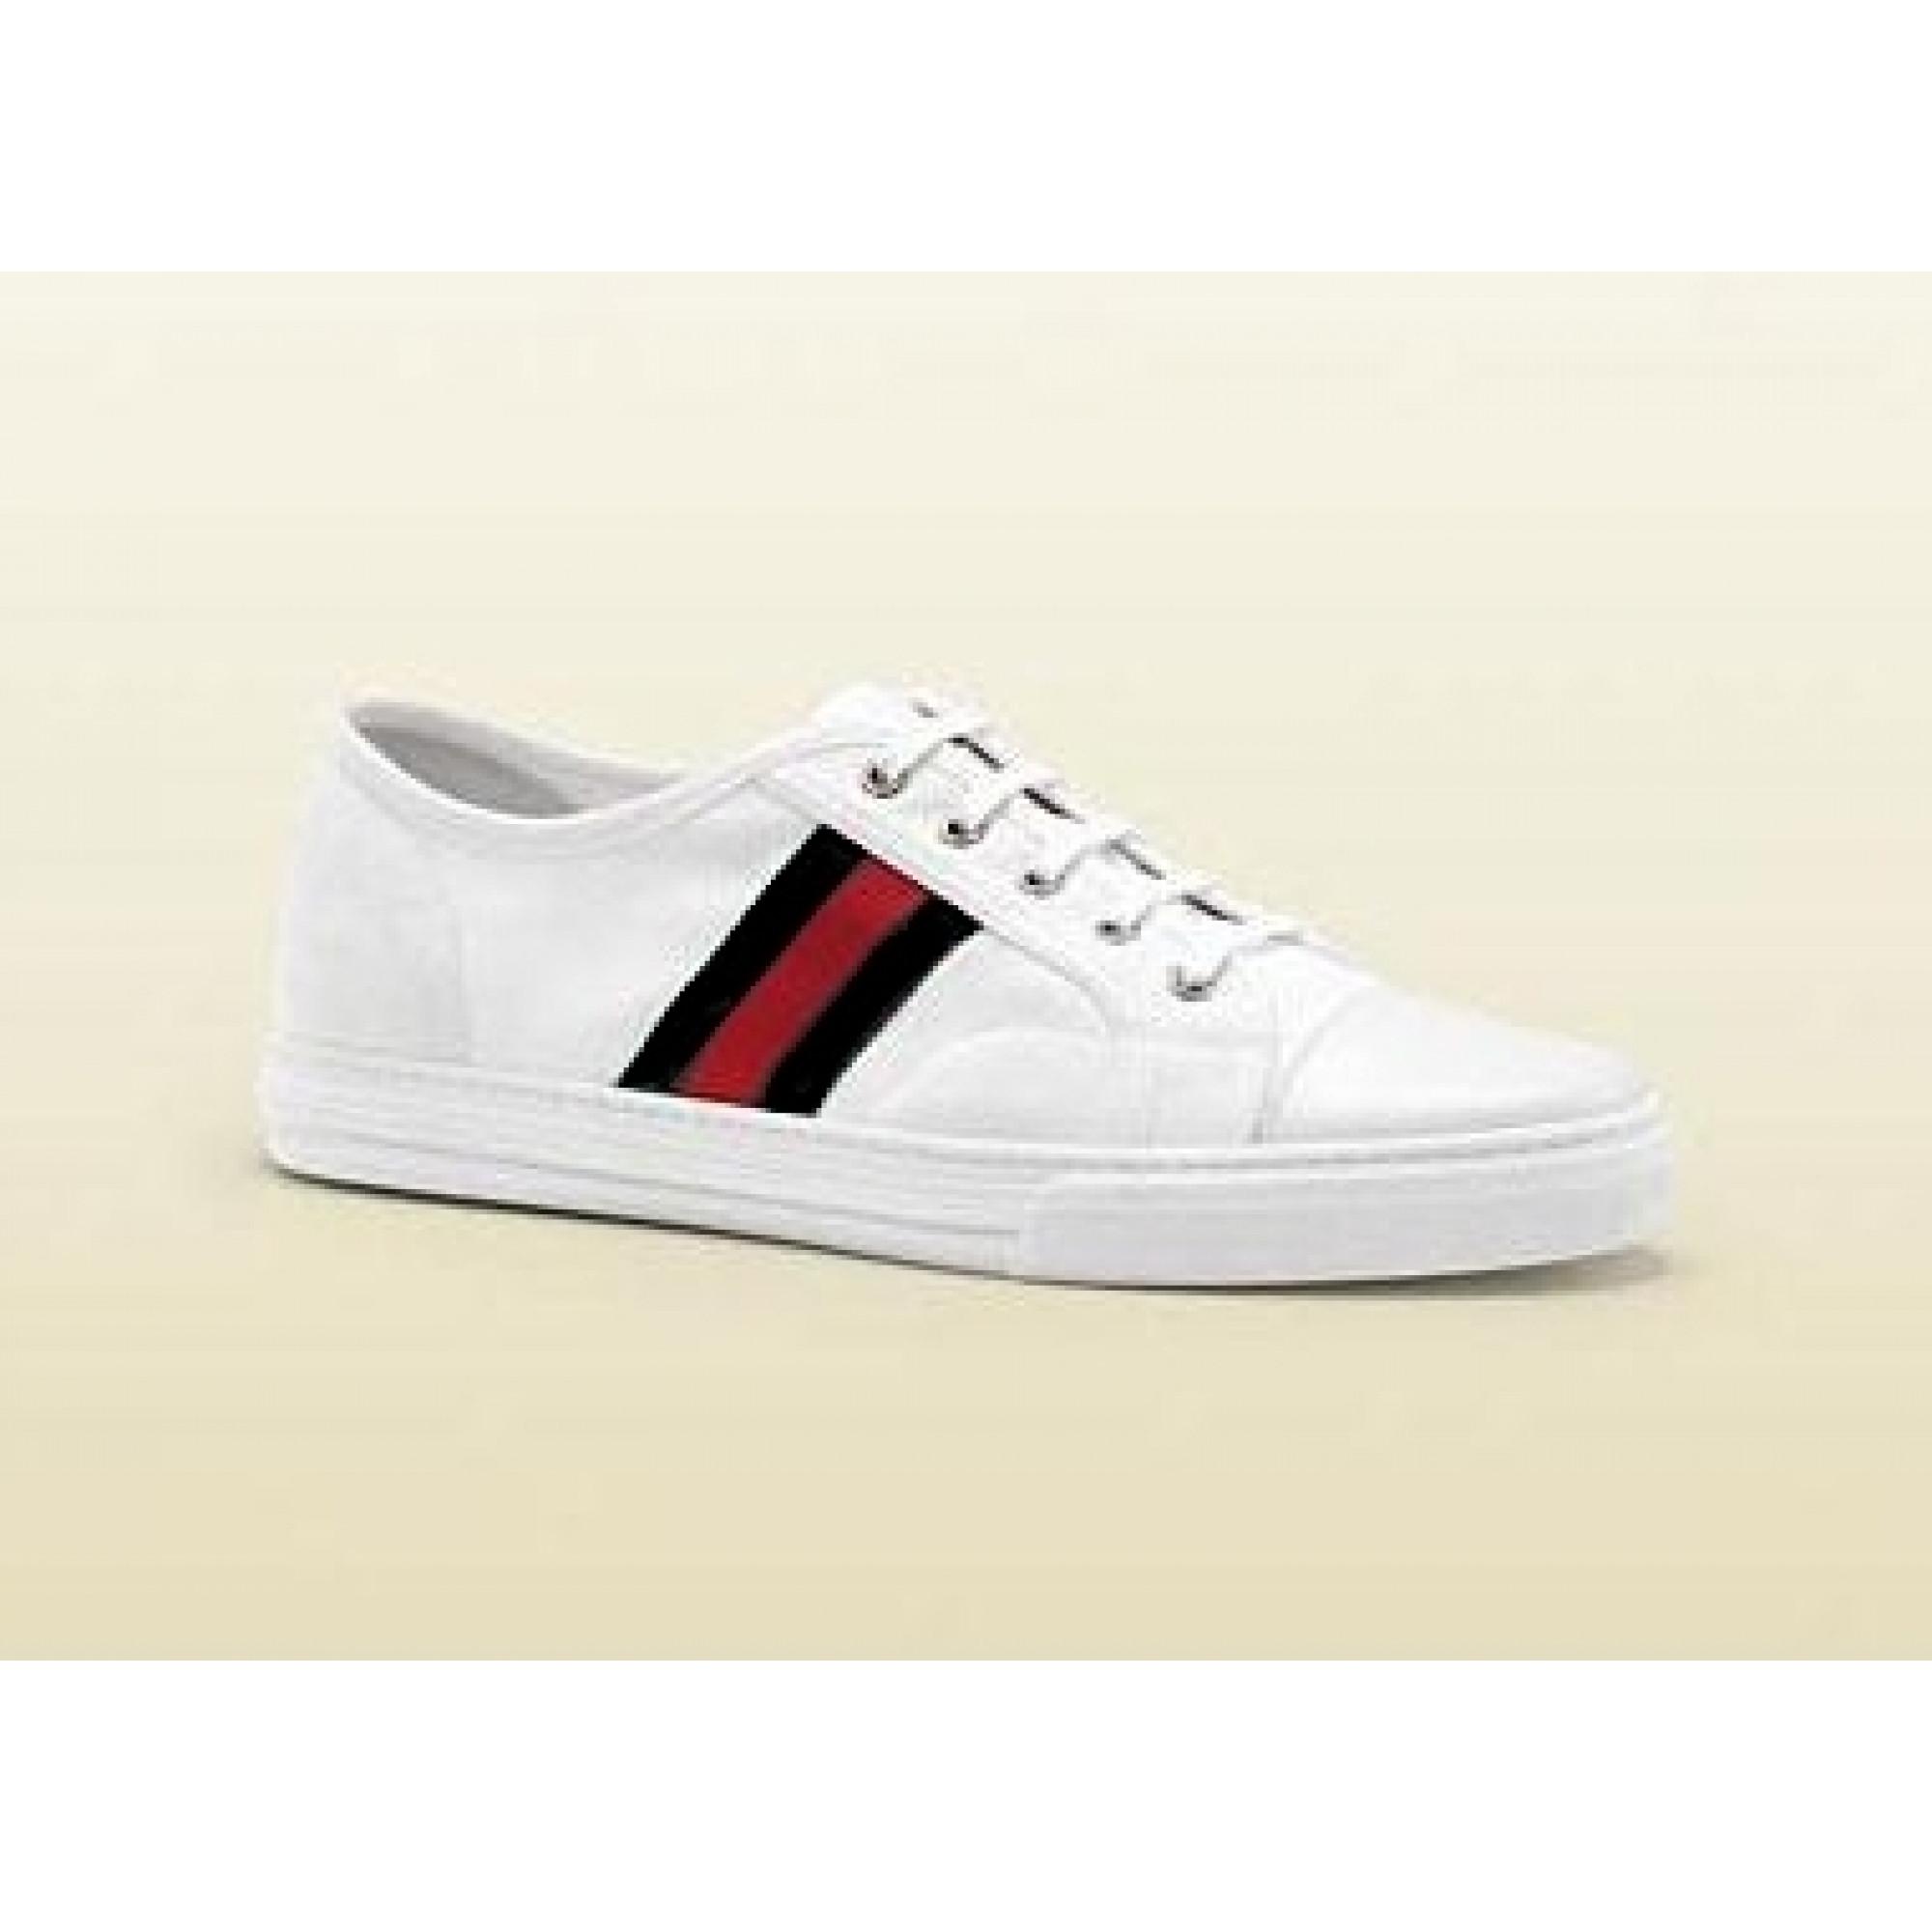 Купить белые мужские кроссовки Gucci на шнуровке — в Киеве, код ... fc080a3172e